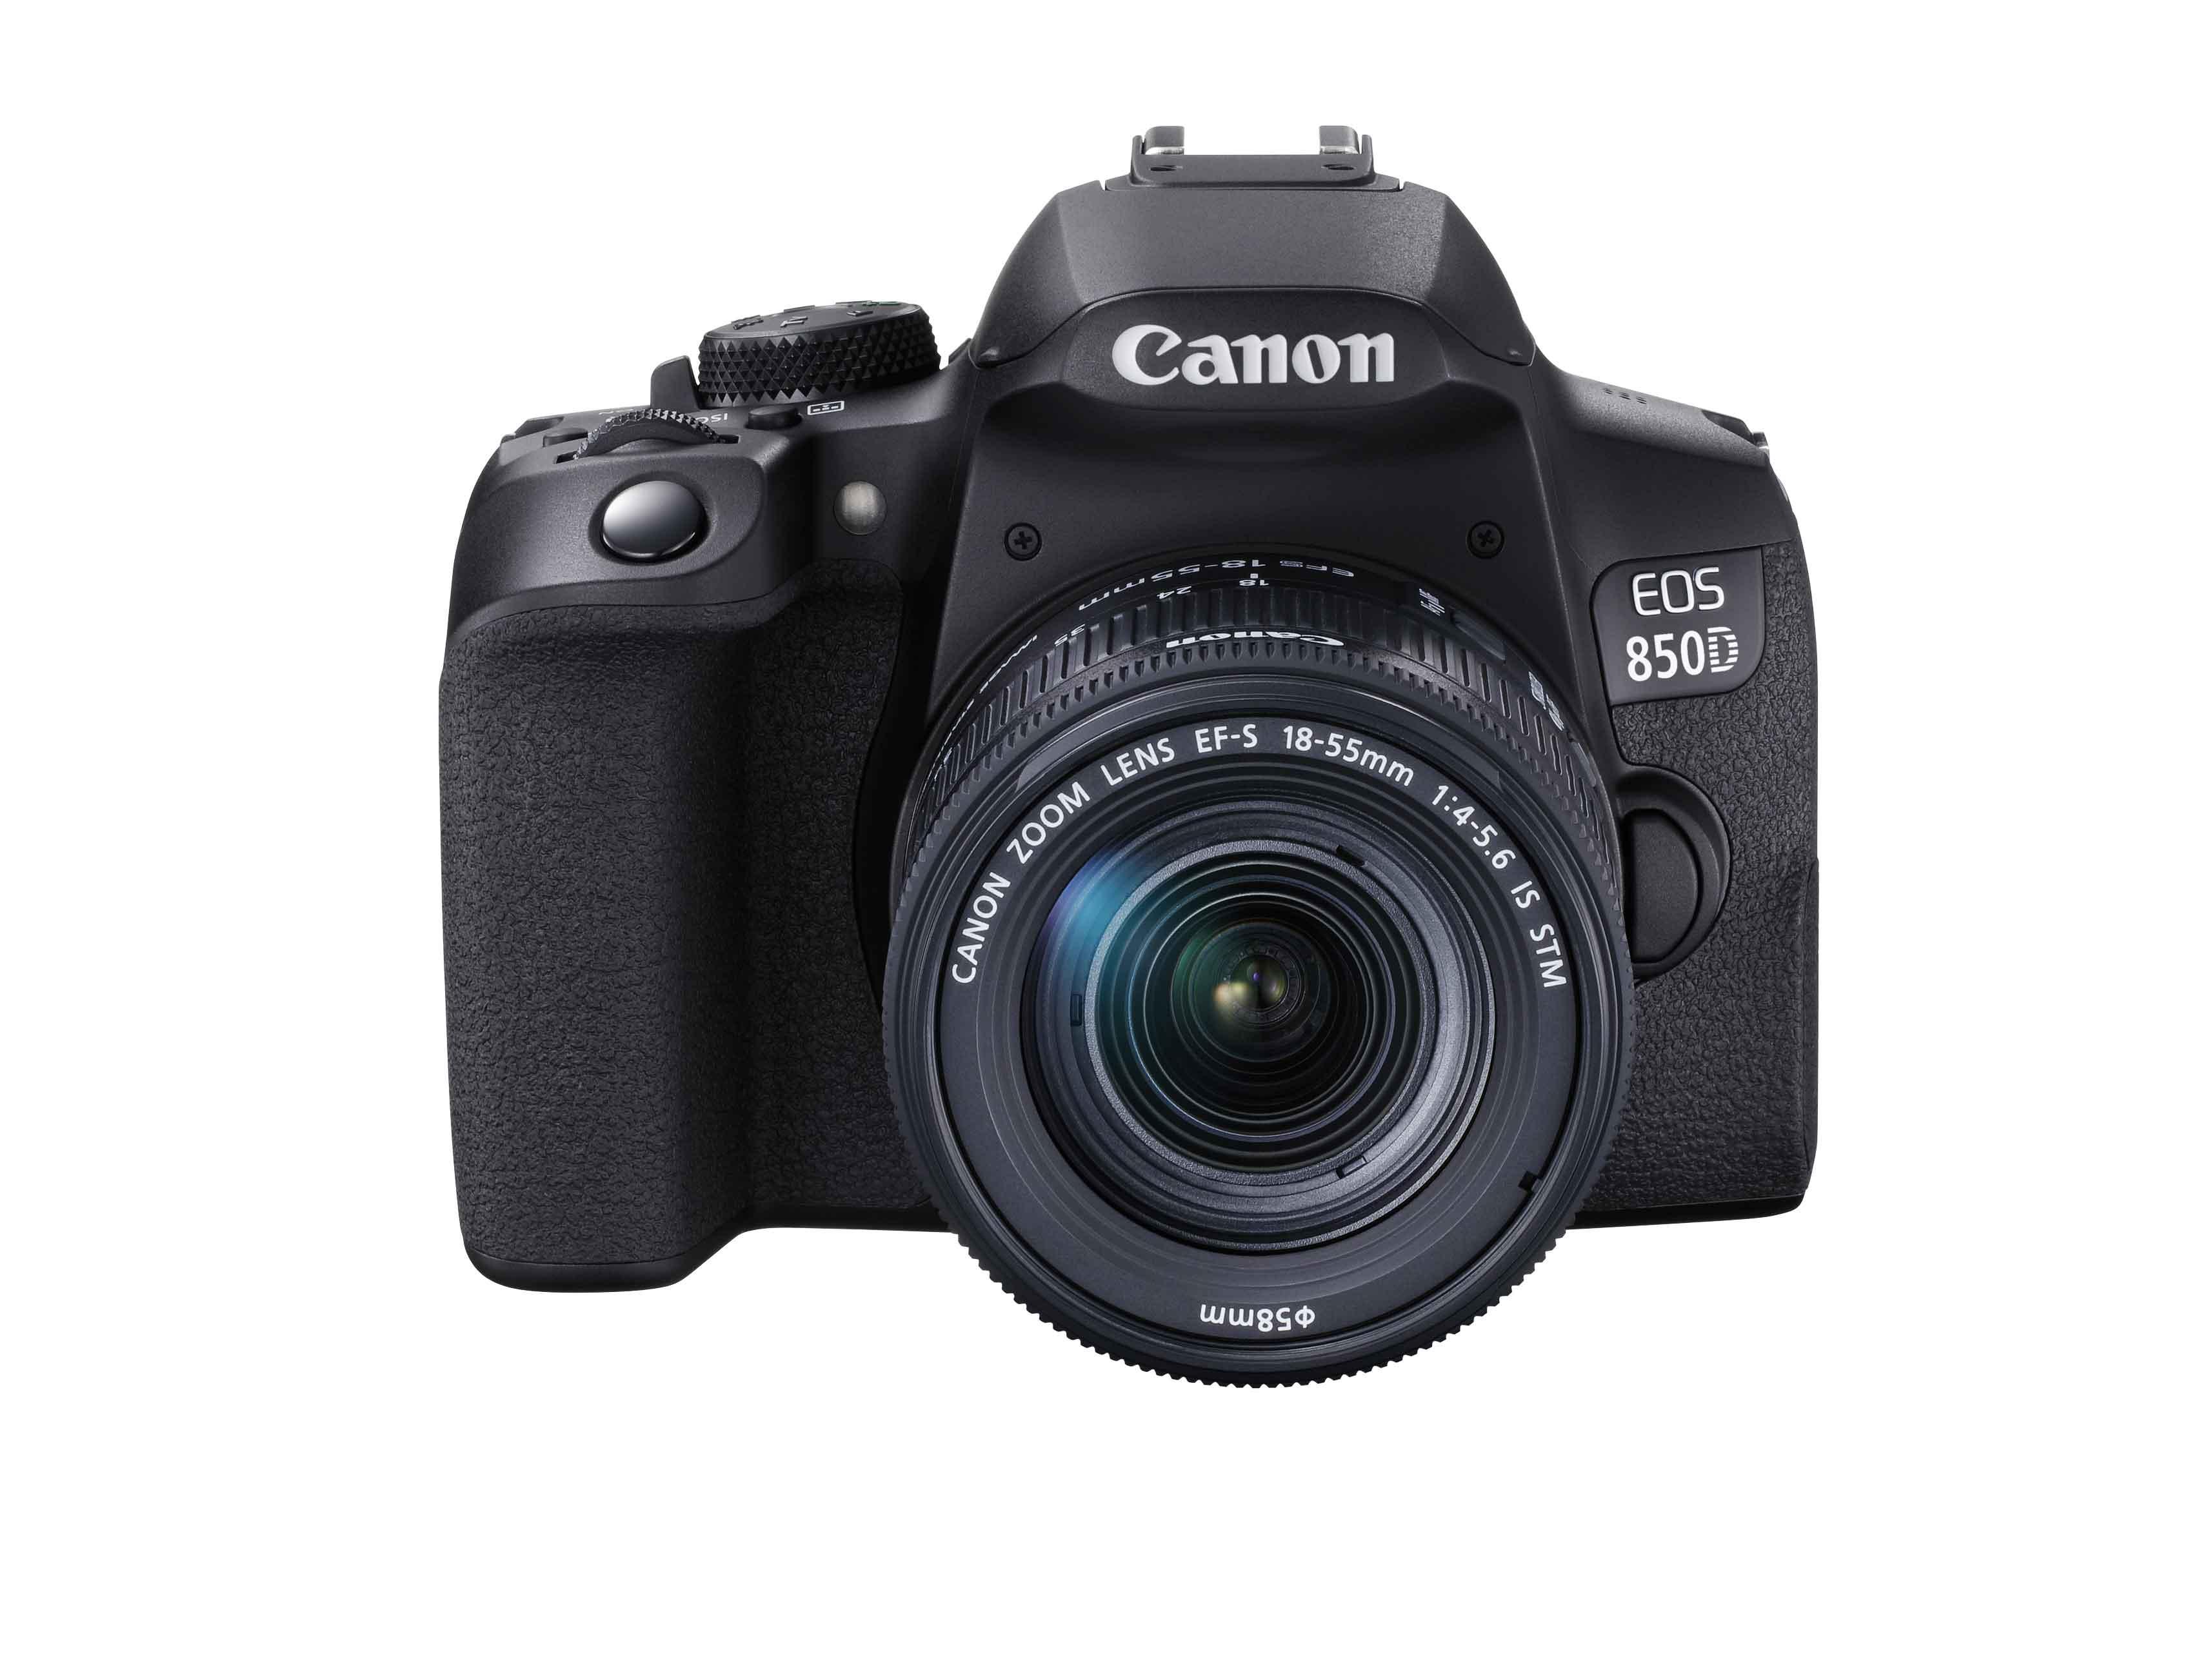 佳能推出EOS 850D单反 搭载约2410万像素的图像感应器+支持4K EOS短片